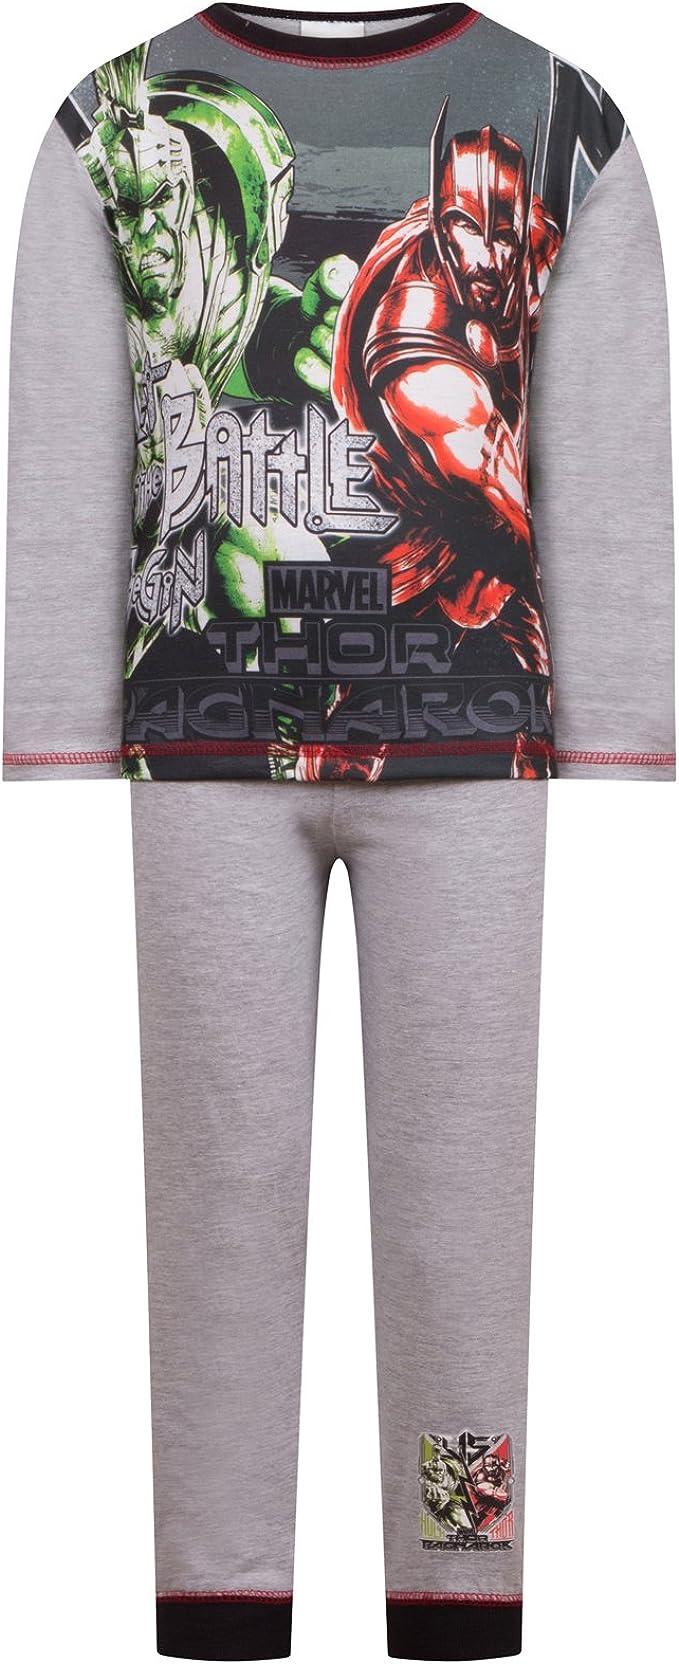 Marvel - Los vengadores - Pijama para niño - Producto oficial - Gris - 4-5 años: Amazon.es: Ropa y accesorios